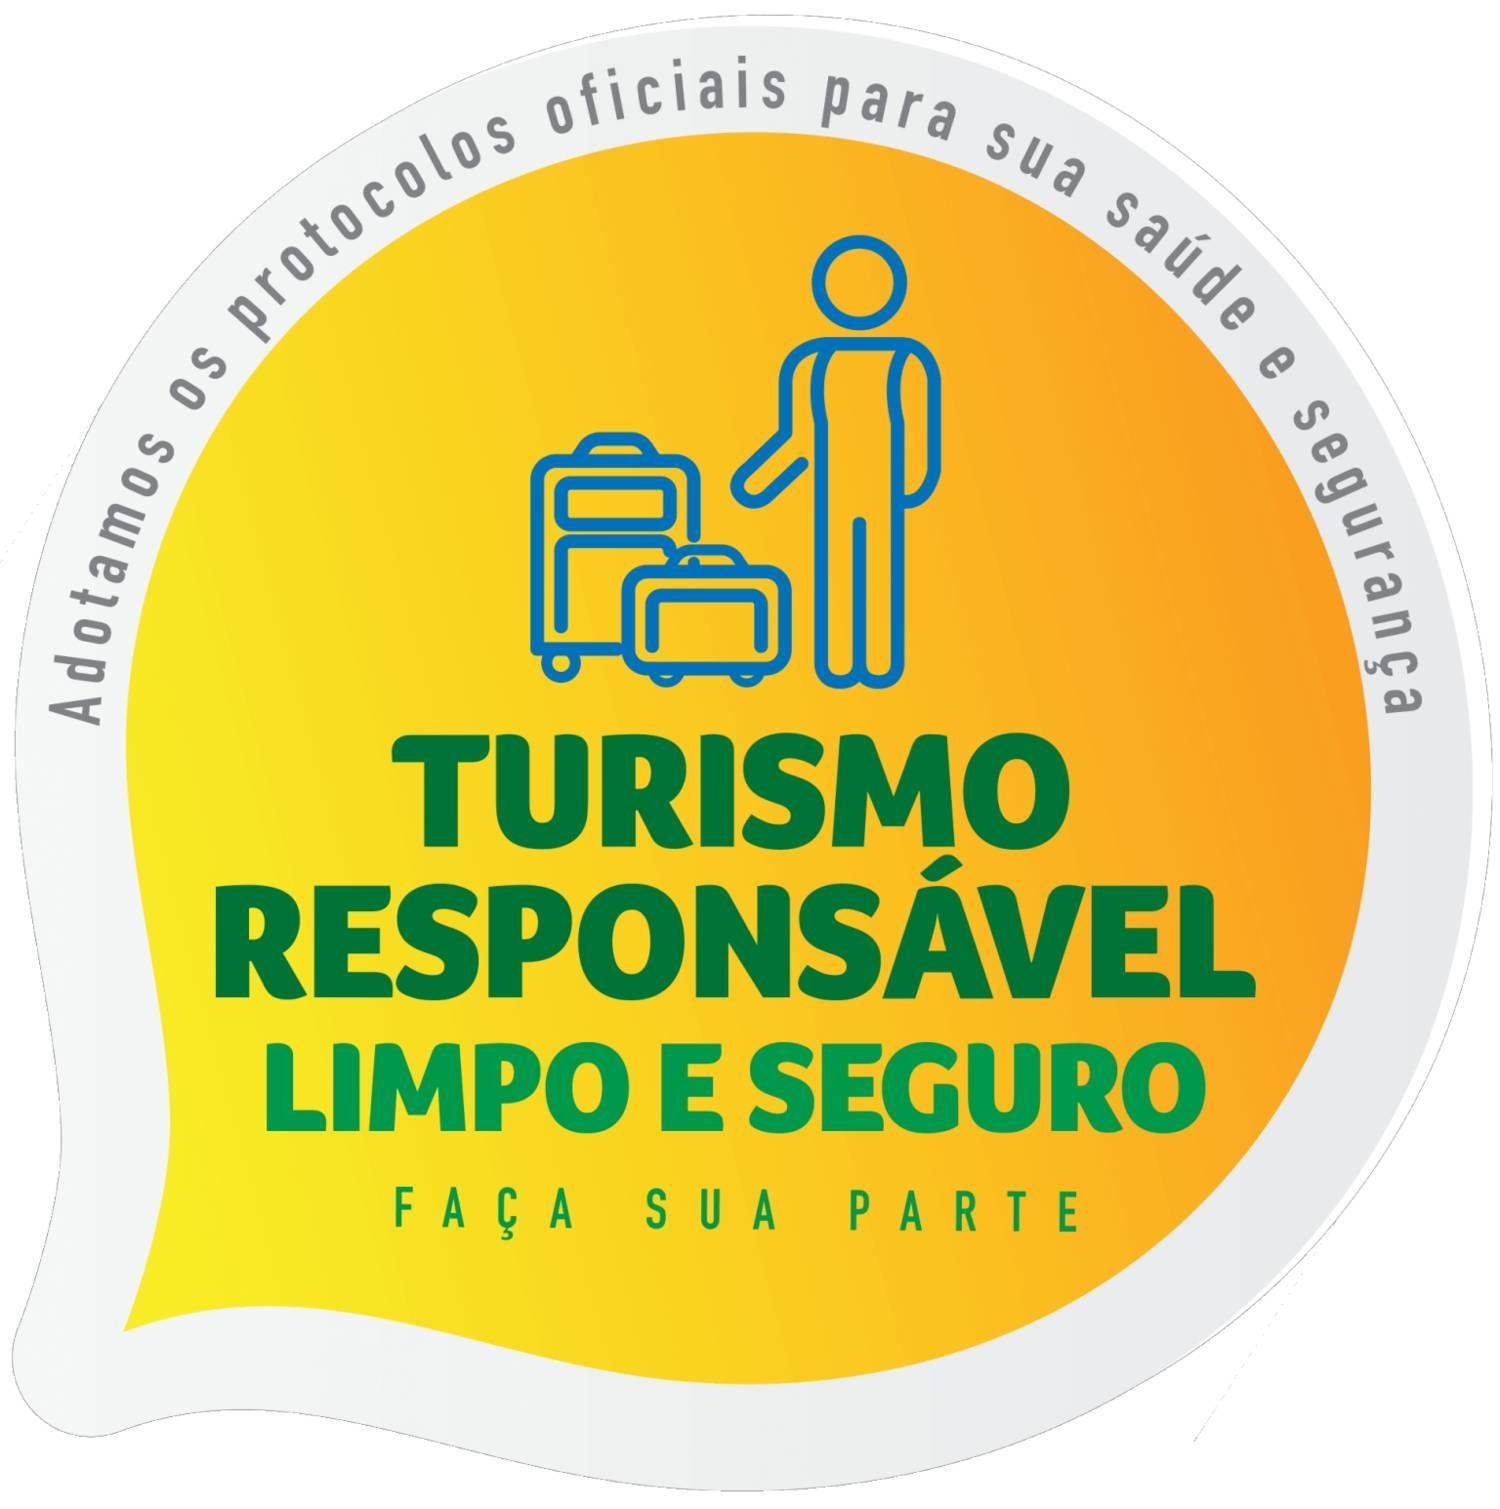 Selo de adesão identifica os estabelecimentos que aderiram aos protocolos de saúde, higiene e segurança